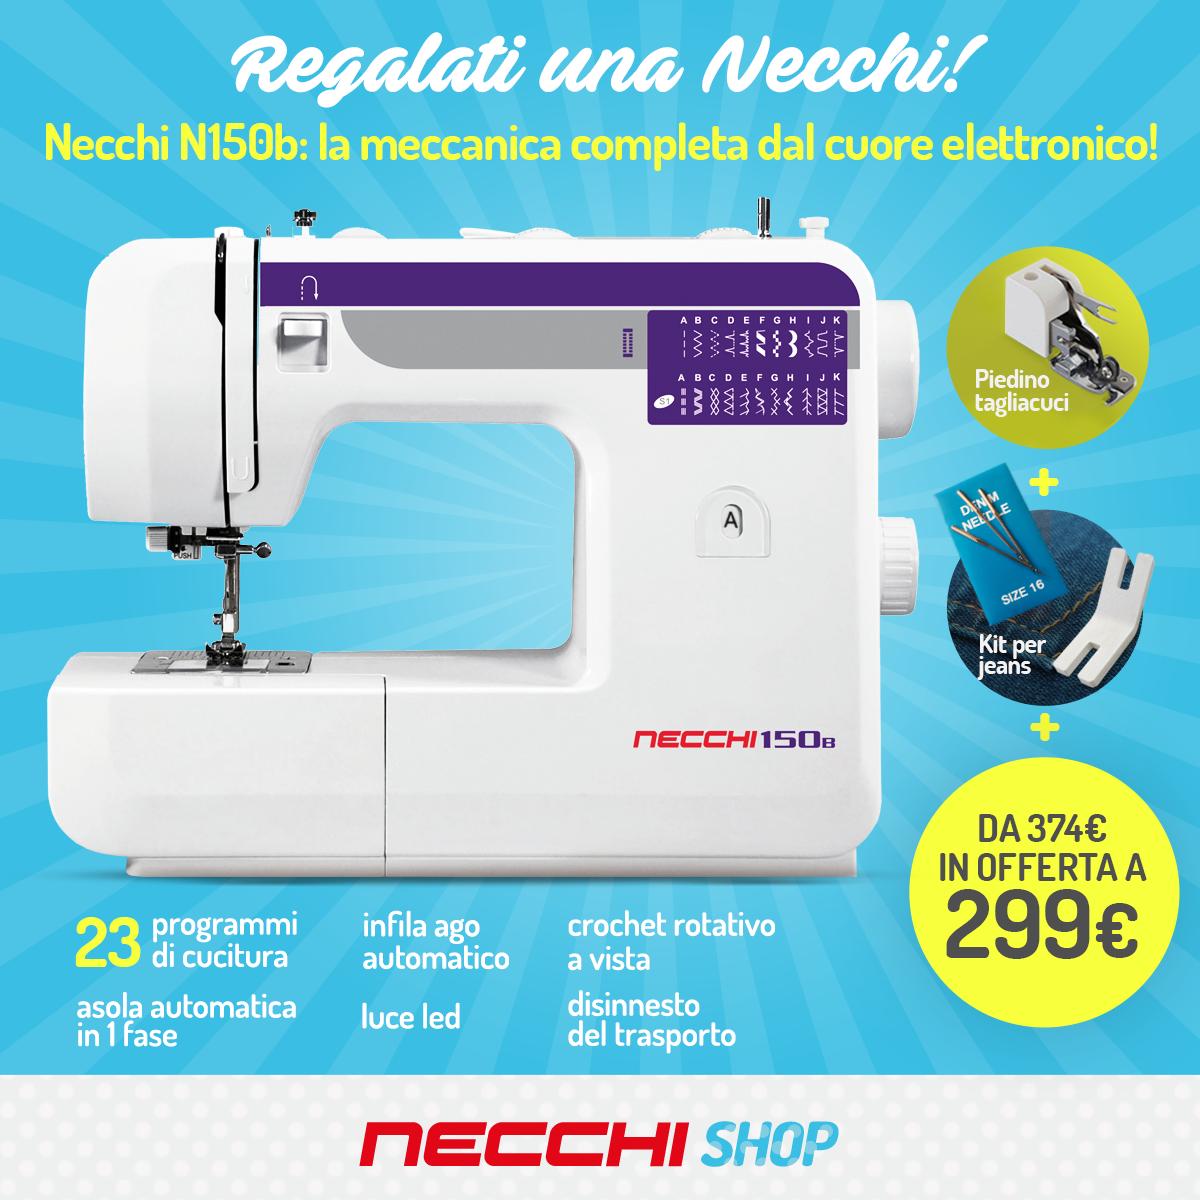 Necchishop–MEME—NECCHI-150B—#2